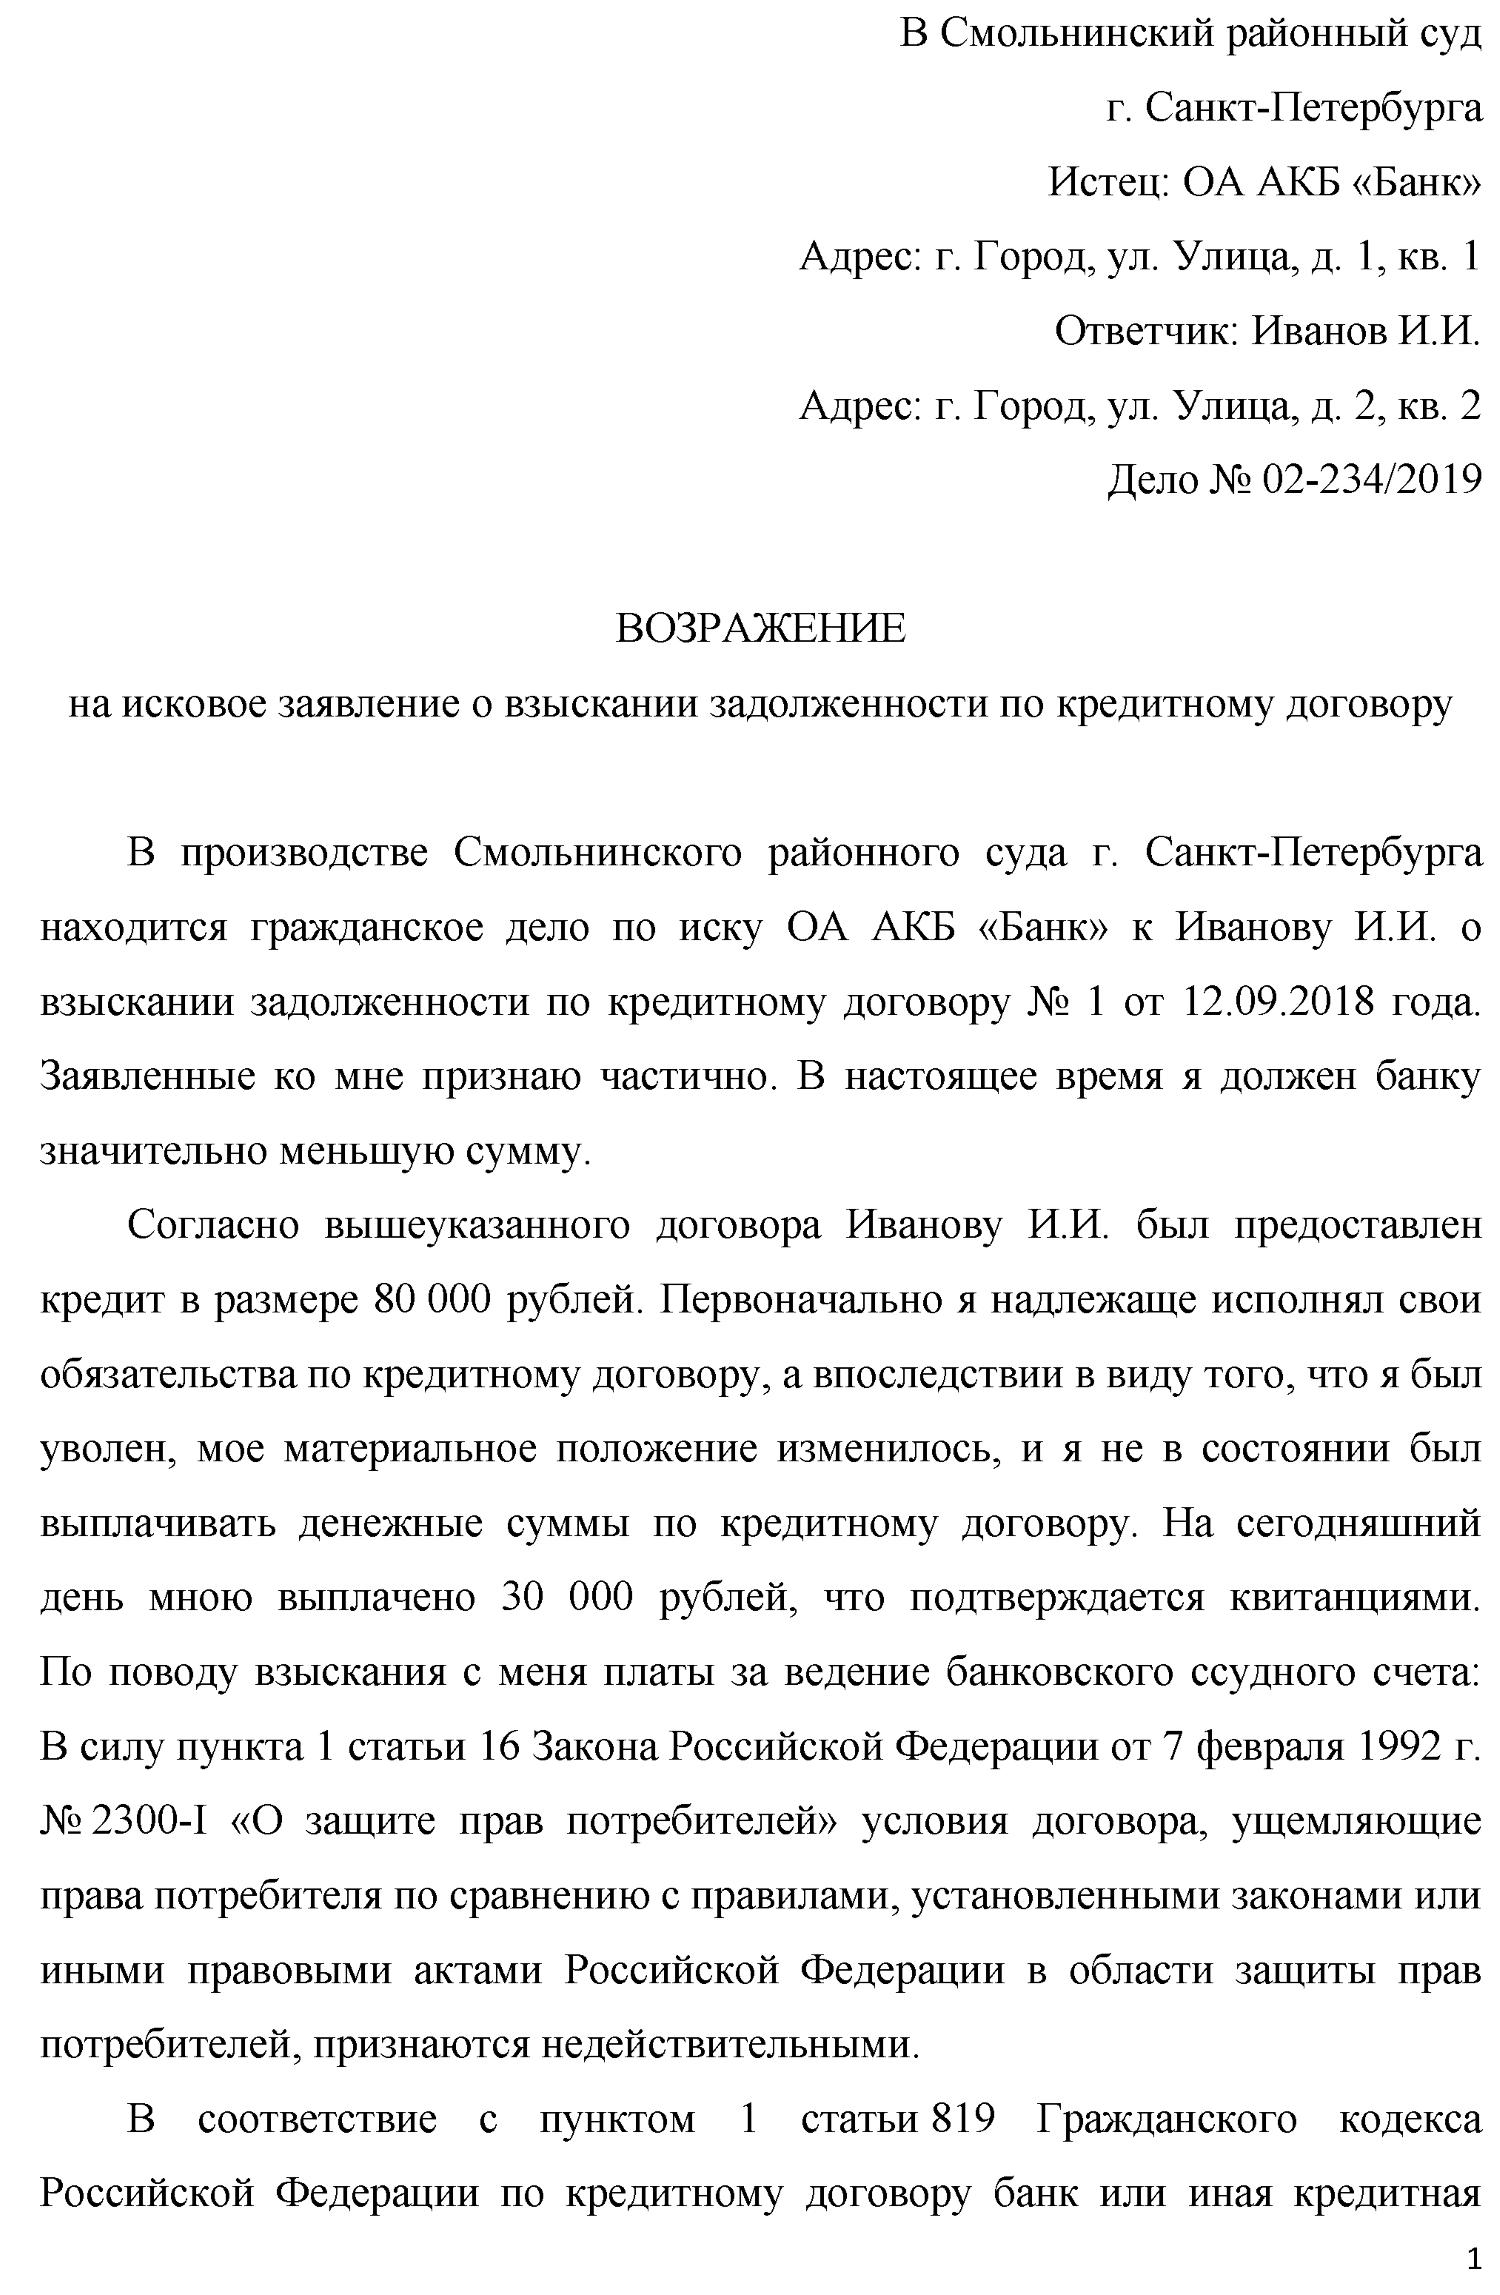 Образец заявления в ук о предоставлении информации